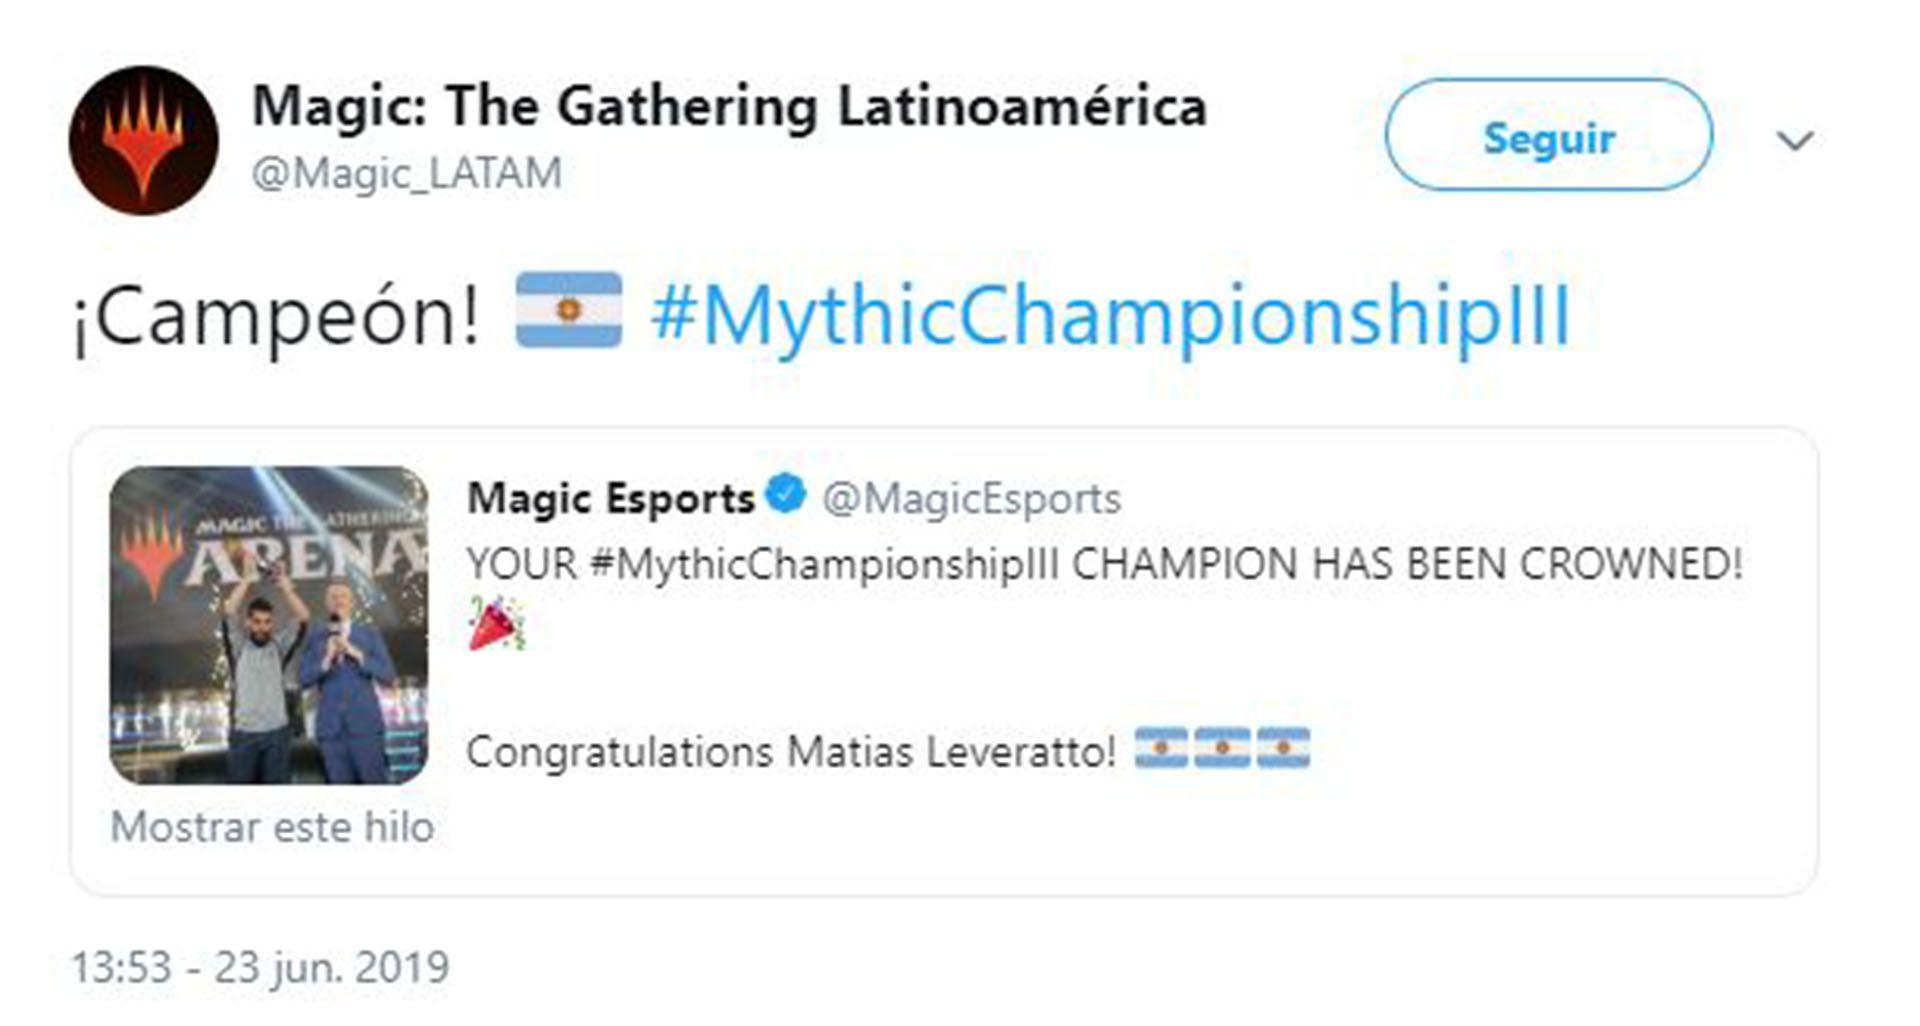 La cuenta de Twitter del juego en Amériica Latina anunciando el logro de Leveratto